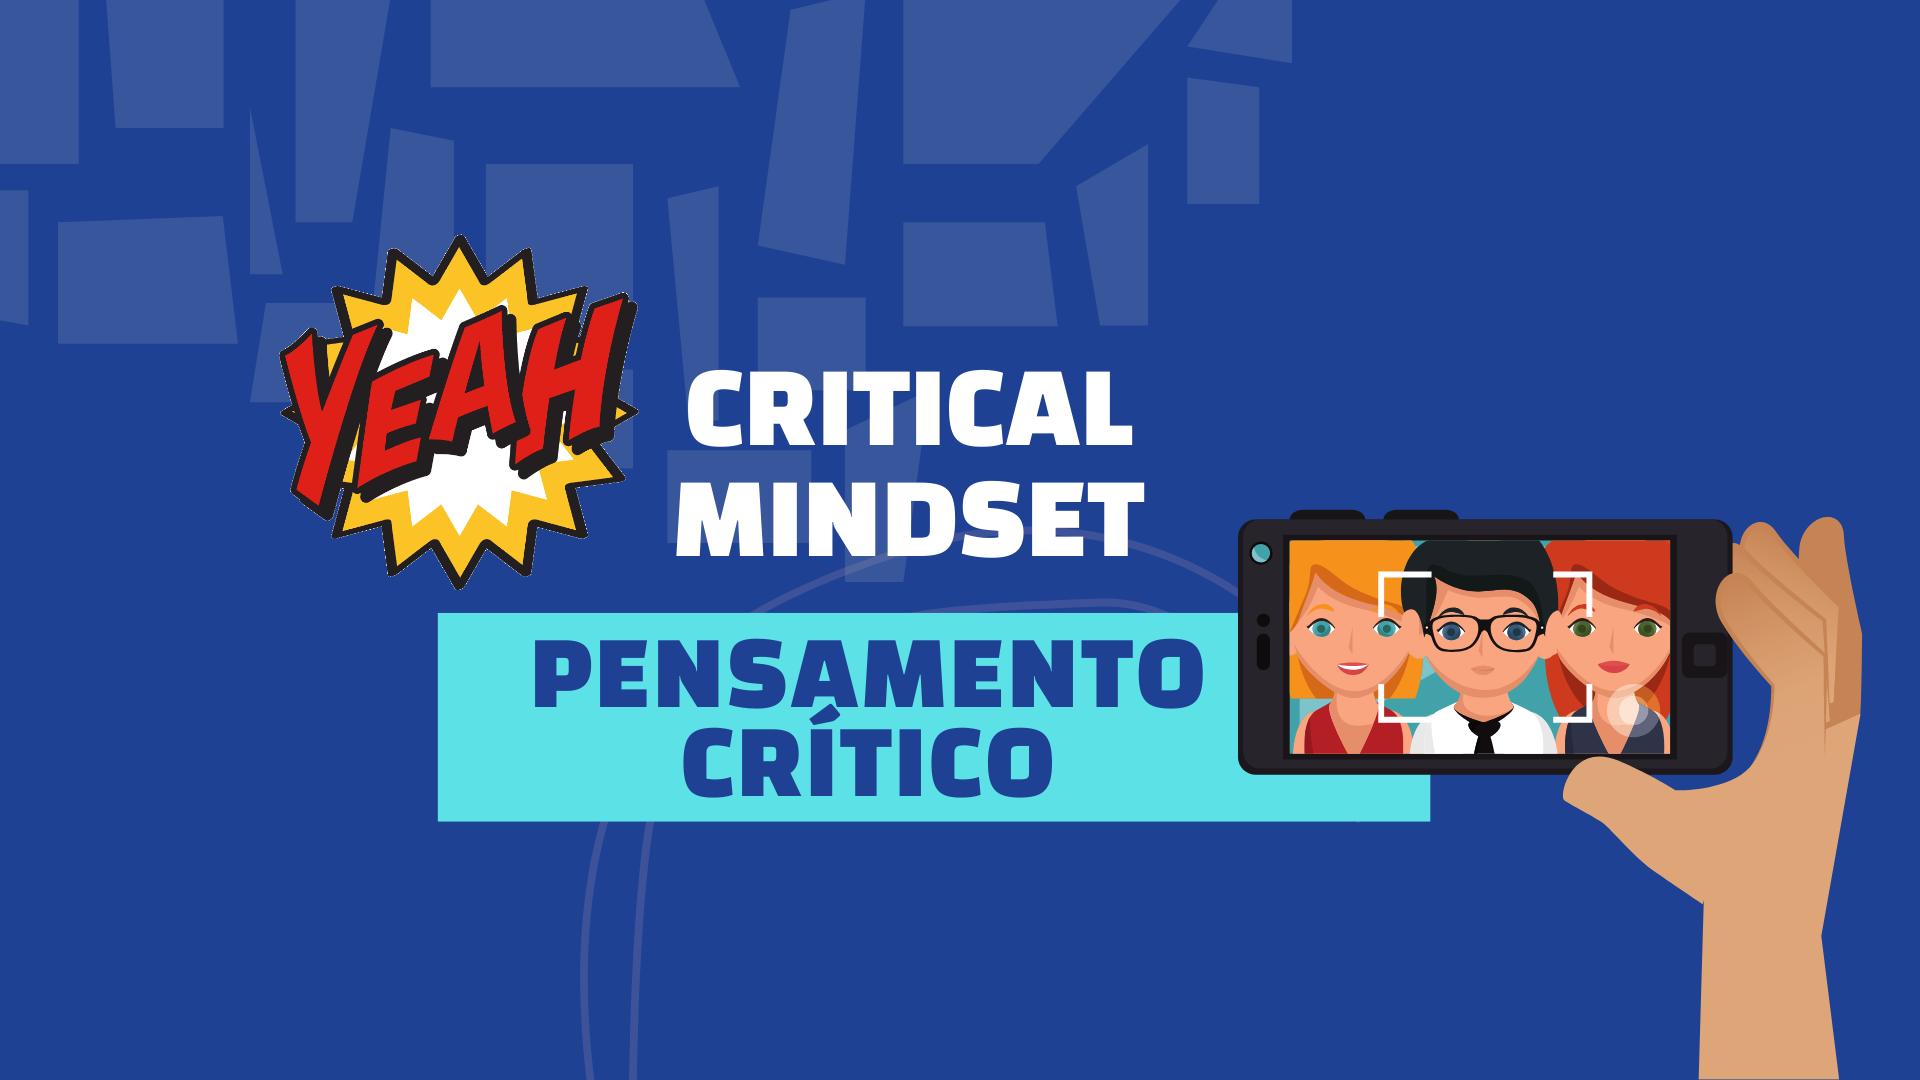 Critical mindset - pensamento critico imagem